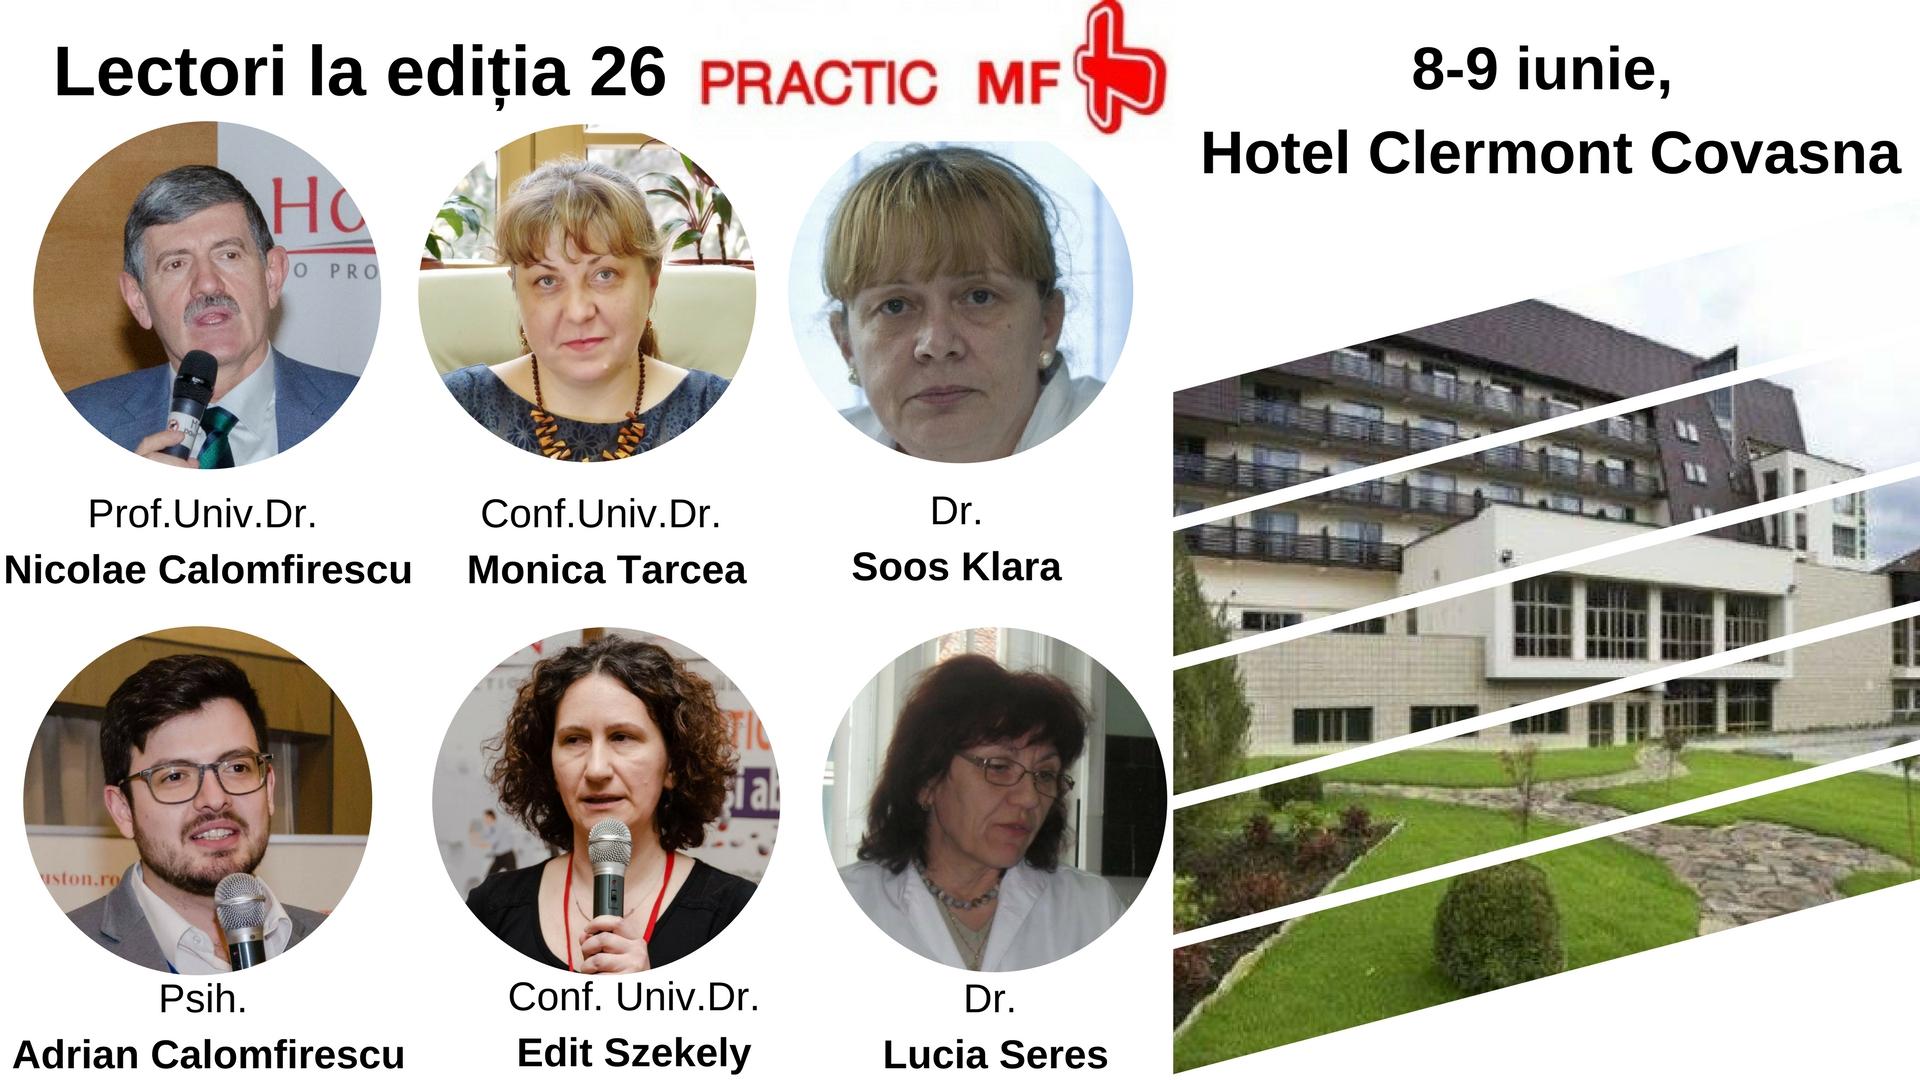 Medicii de familie din județele Covasna, Mureș, Harghita, Bacău, Buzău, Prahova, Brașov sunt așteptați la ediția 26 Practic MF, 8-9 iunie 2018, Hotel Clermont din Covasna